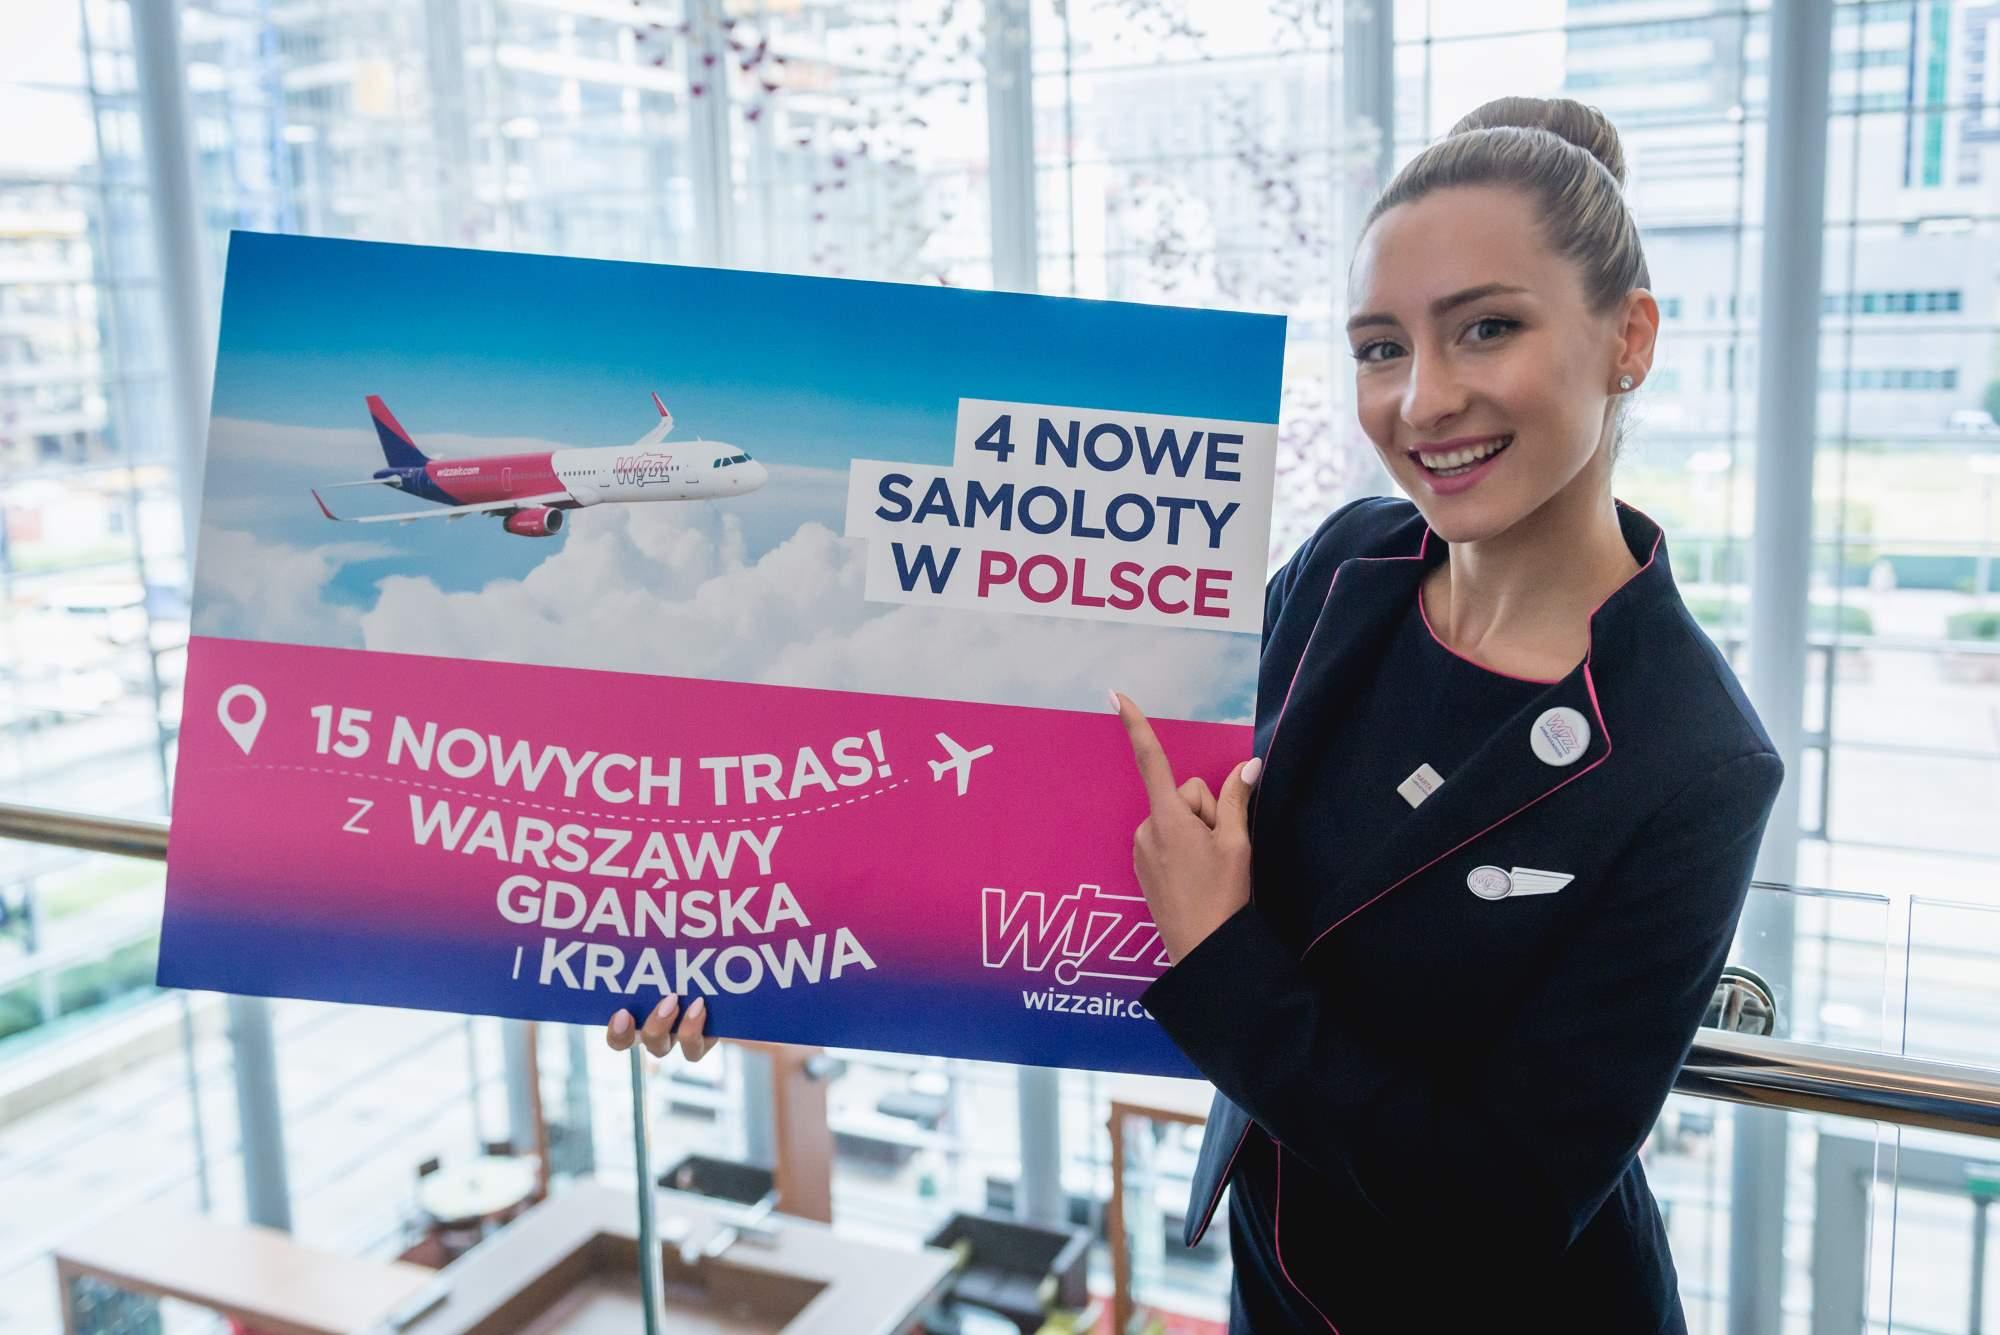 WOW! 15 nowych tras Wizz Air z Polski. A do tego nowe samoloty!